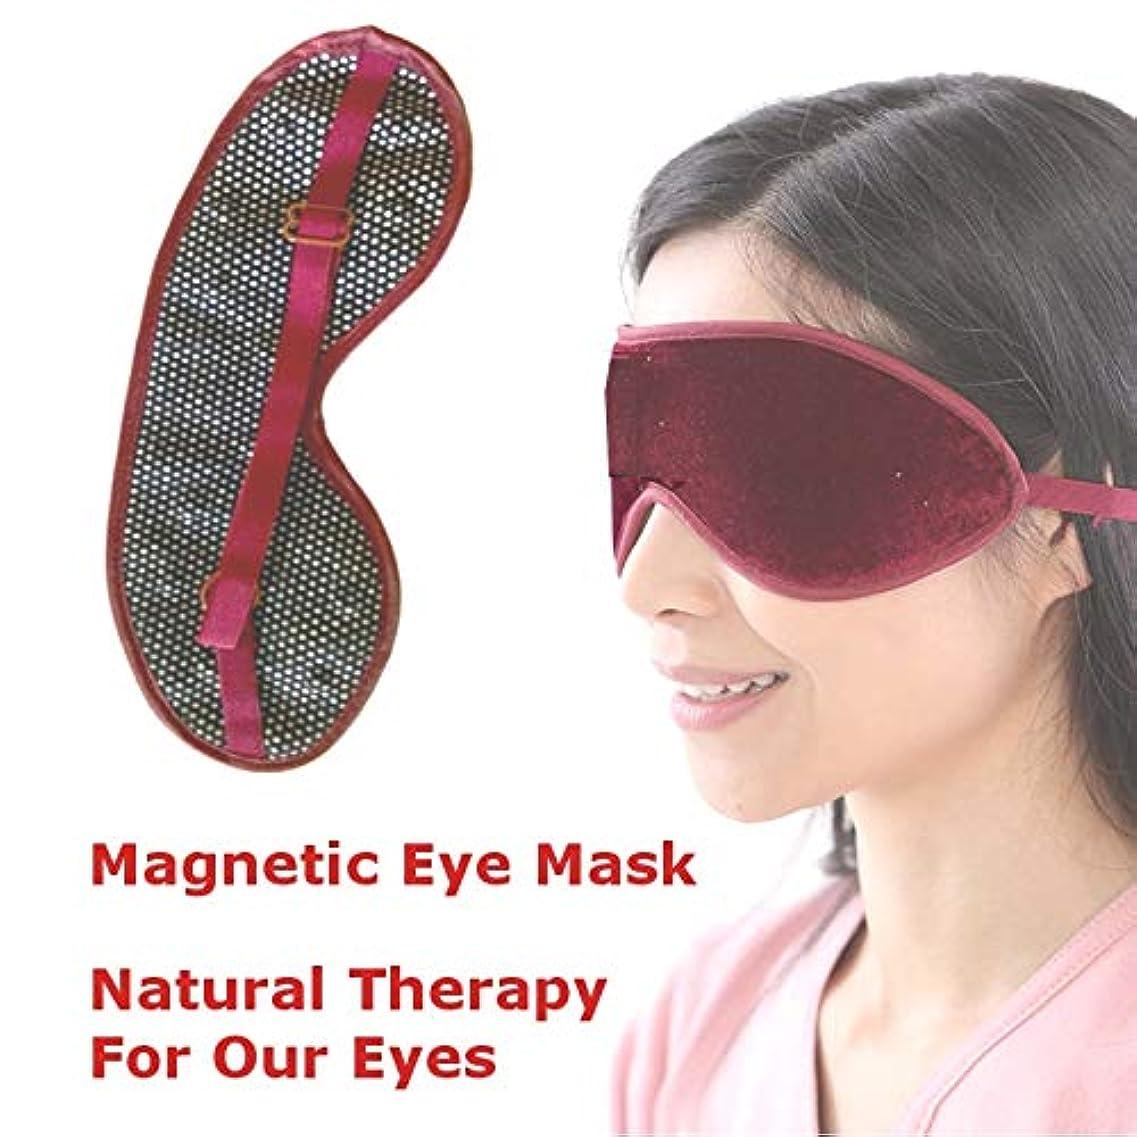 適用済み揃えるポスター注意トルマリン遠赤外線健康鎮痛ディープスリープアイマスクシェード磁気アイ目隠しカバー